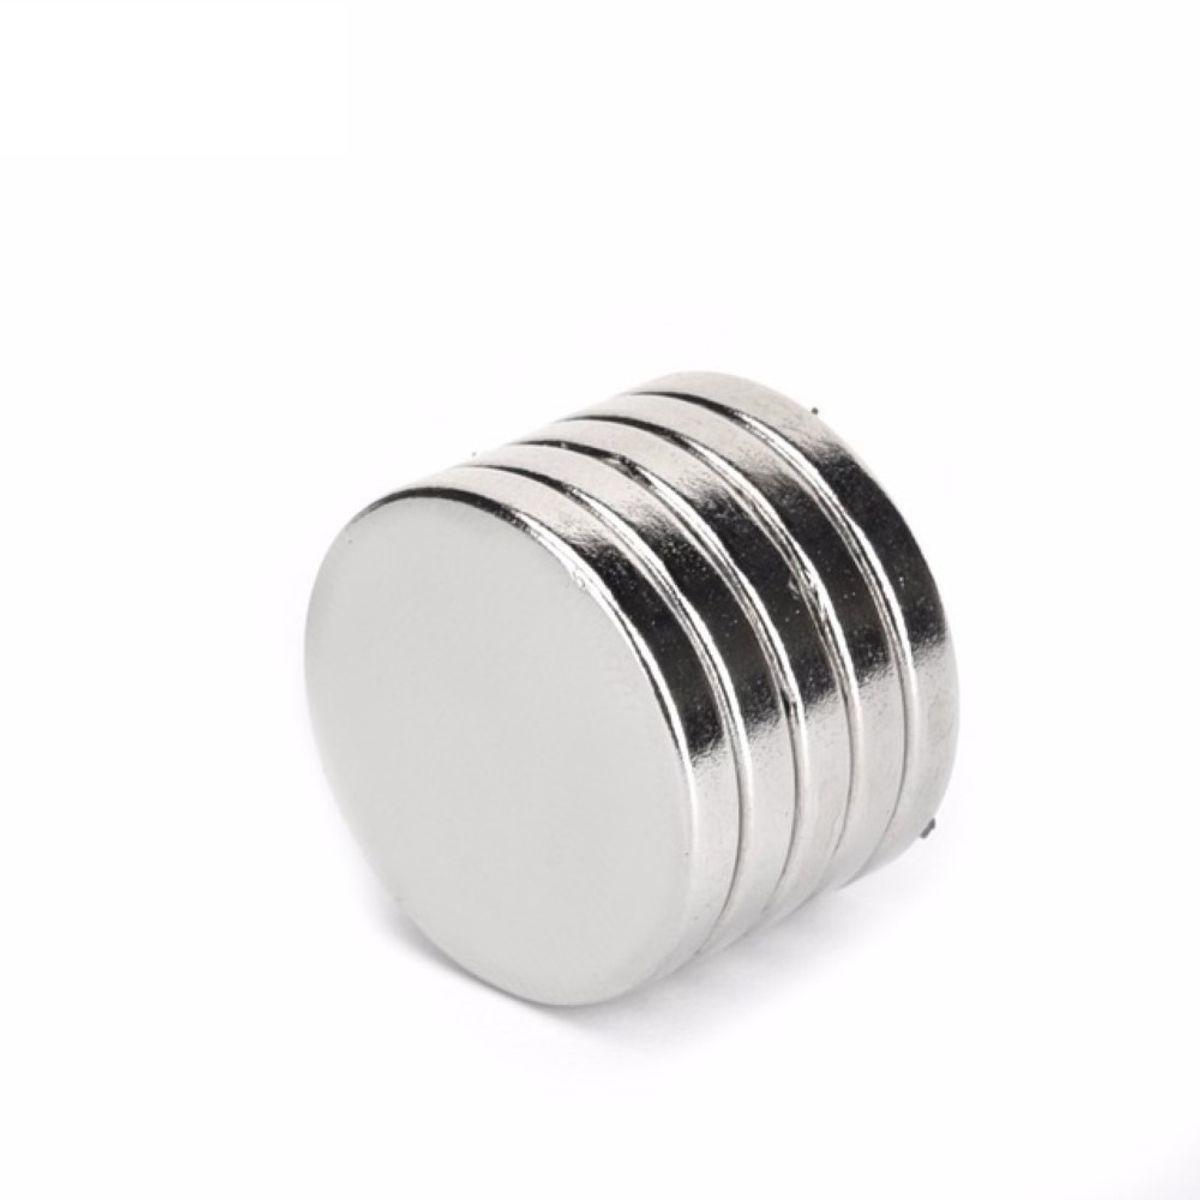 Neodym Magnet 12 x 5 mm Supermagnete hohe Haftkraft Scheibenmagnet N35 25 Stück